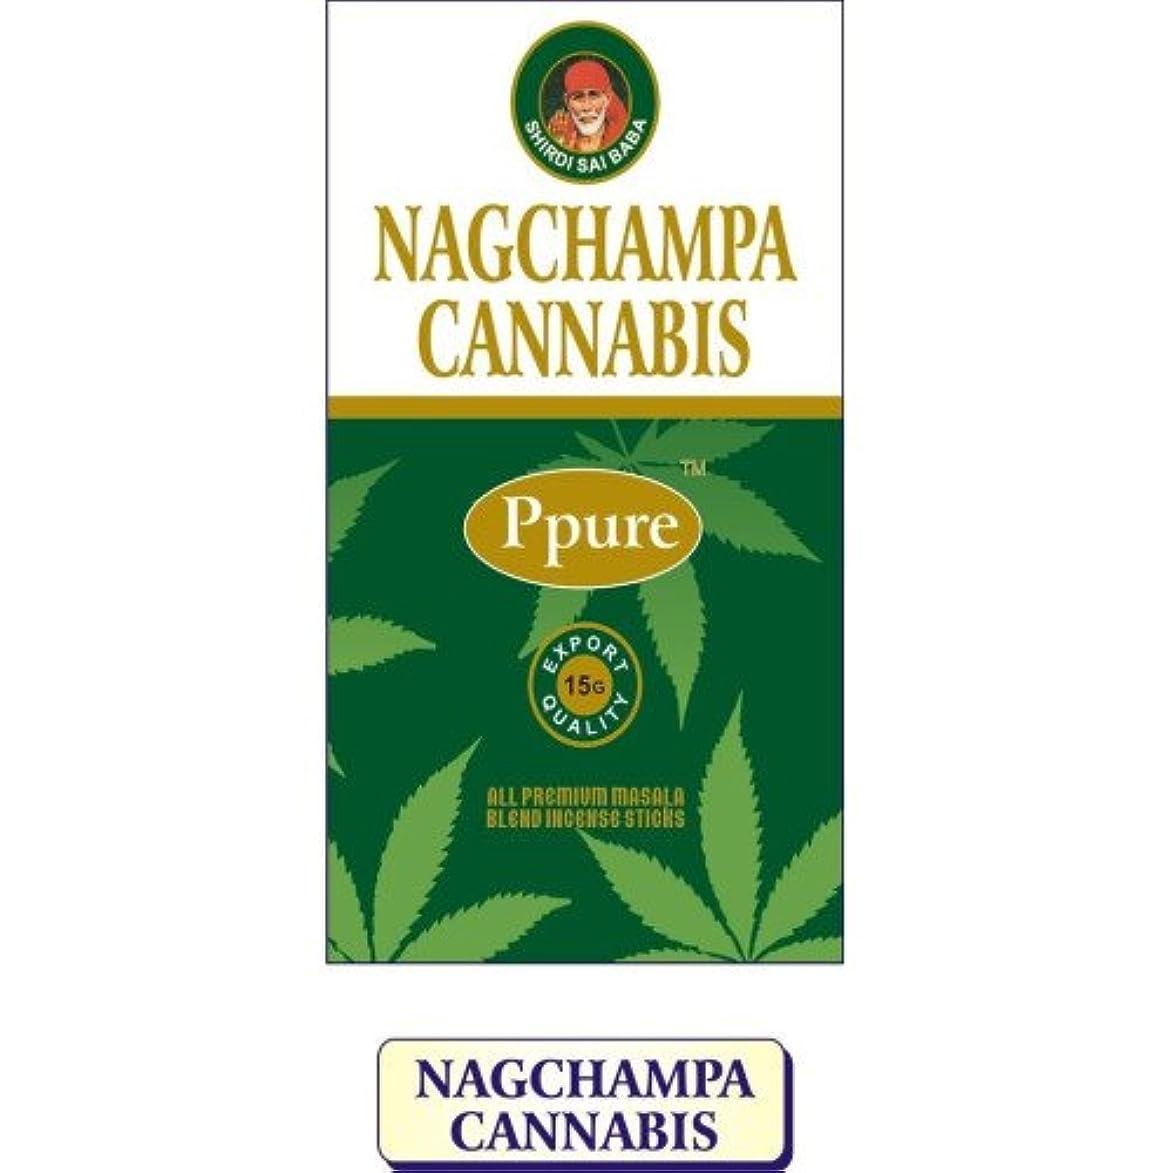 手順読書収まるPpure Nag Champa Cannabis PerfumeプレミアムMasala Incense Sticks 15グラム